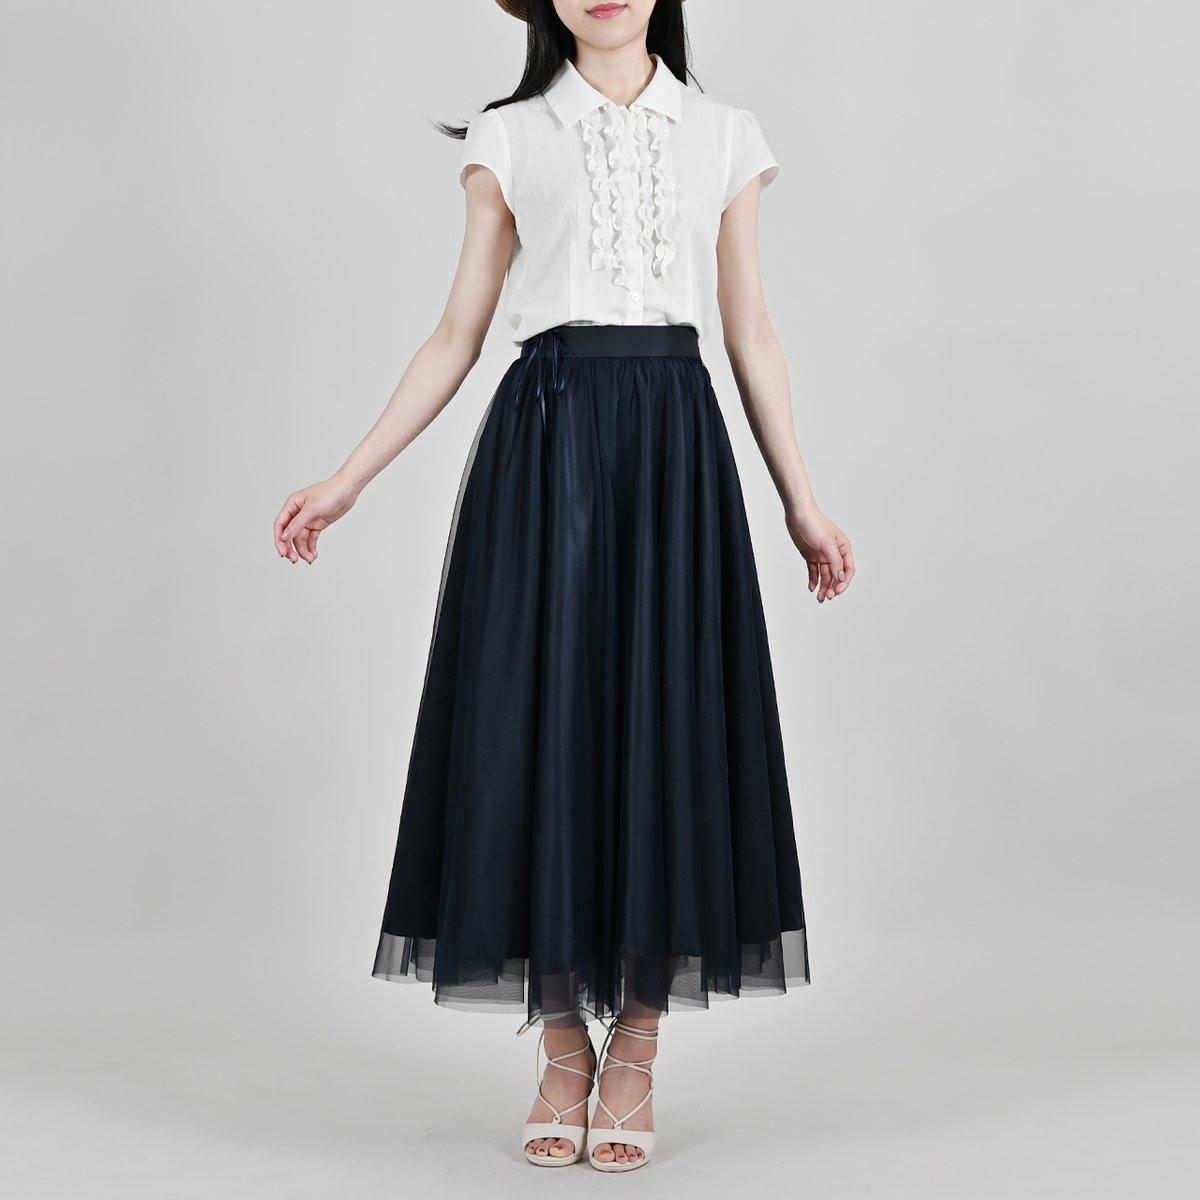 「シルフィード・スカート / ナイトネイビー」軽やかで繊細なスカートをイメージした、絵本や物語に出てくるような幻想的なスカートです。『ナイトネイビー』はチュールとサテンの効果が相乗し、星空をまとうような美しさと清楚感のあるカラー。